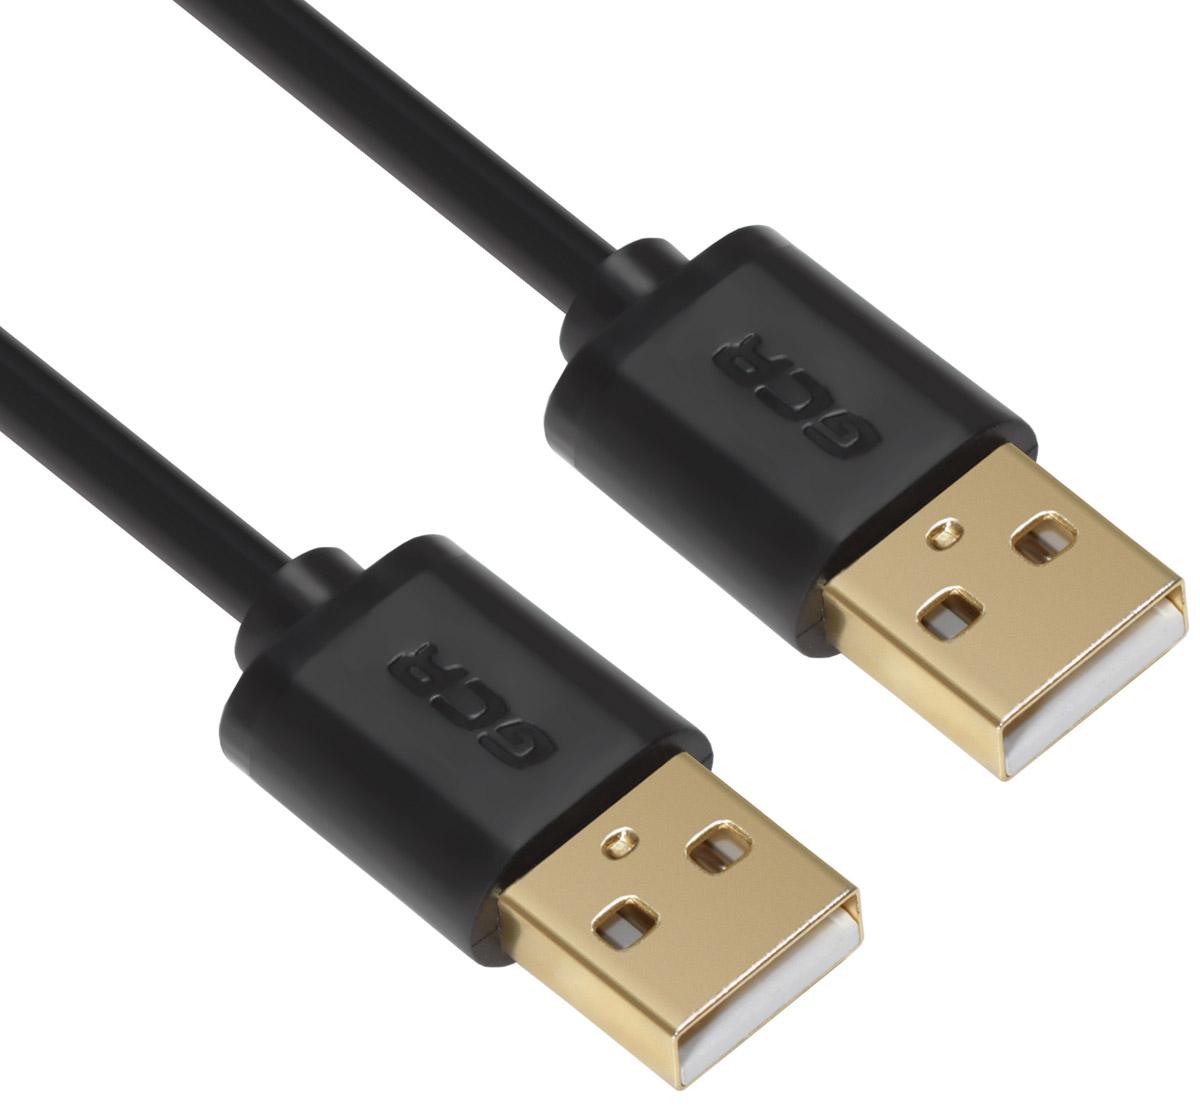 Greenconnect Russia GCR-UM5M-BB2SG, Black кабель USB (1 м)GCR-UM5M-BB2SG-1.0mКабель Greenconnect Russia GCR-UM5M-BB2SG позволит увеличить расстояние до подключаемого устройства. Может быть использован с различными USB девайсами. Экранирование кабеля позволит защитить сигнал при передаче от влияния внешних полей, способных создать помехи.